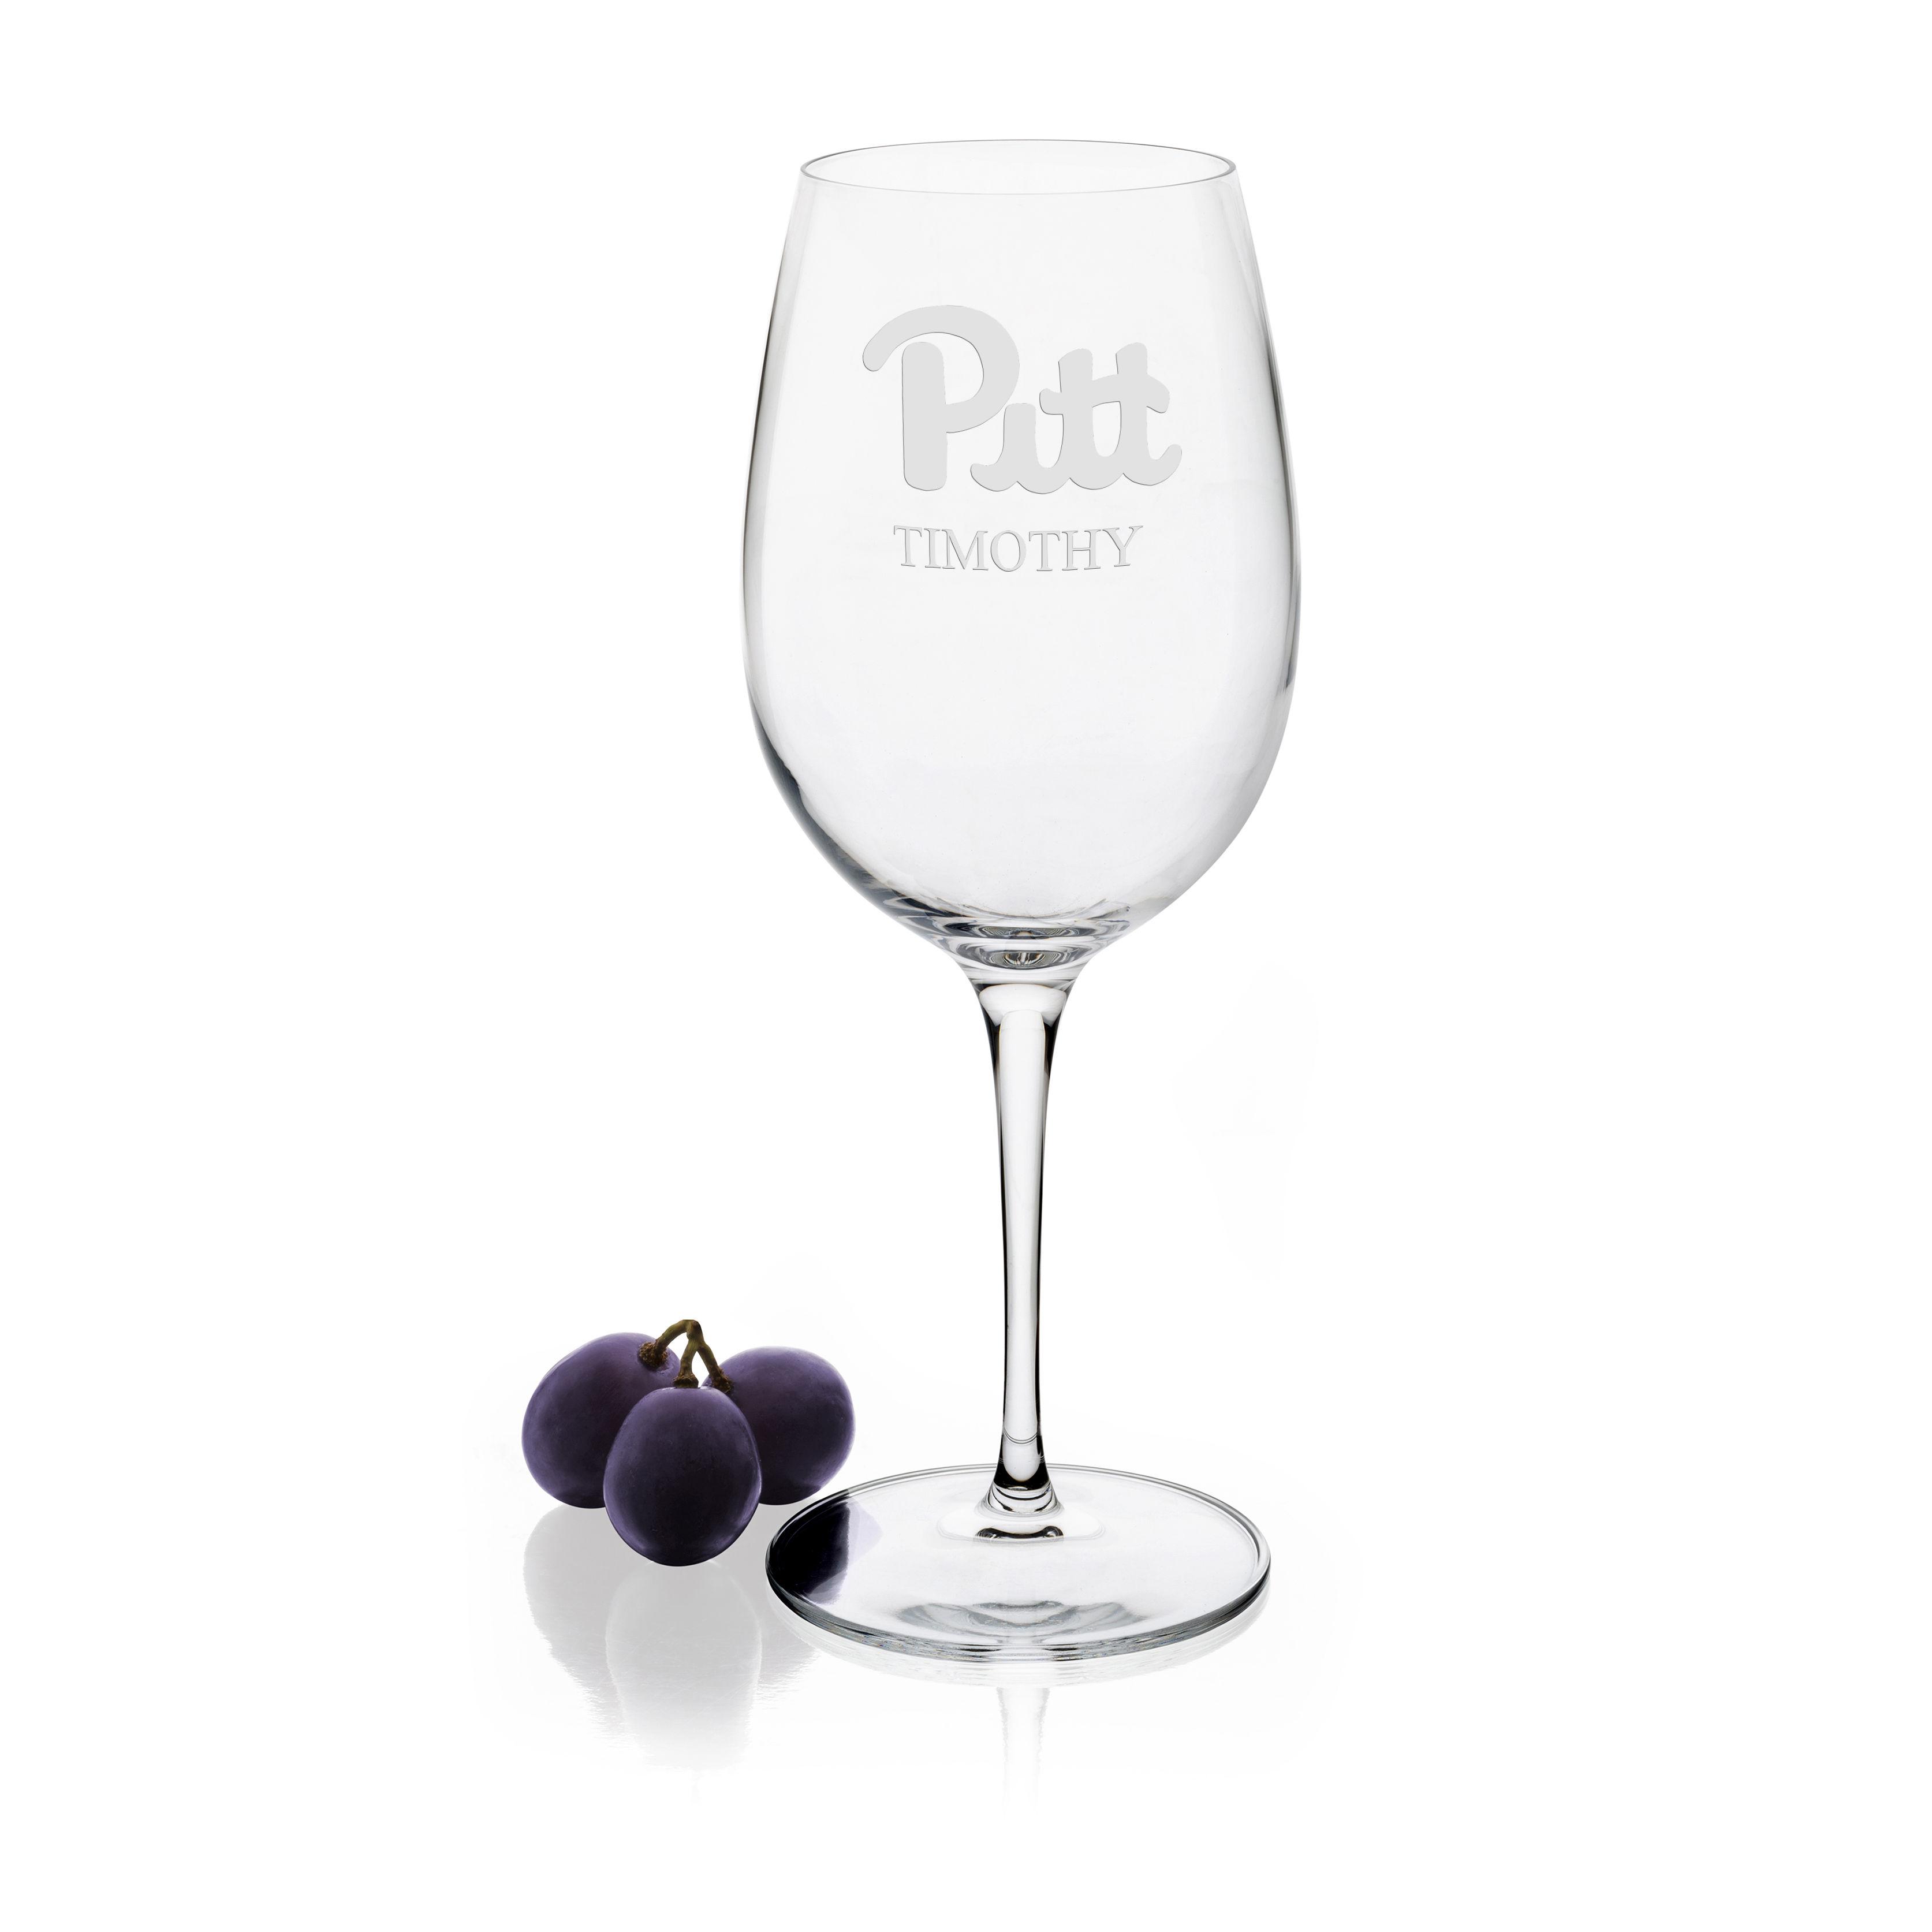 Pitt Red Wine Glasses - Set of 4